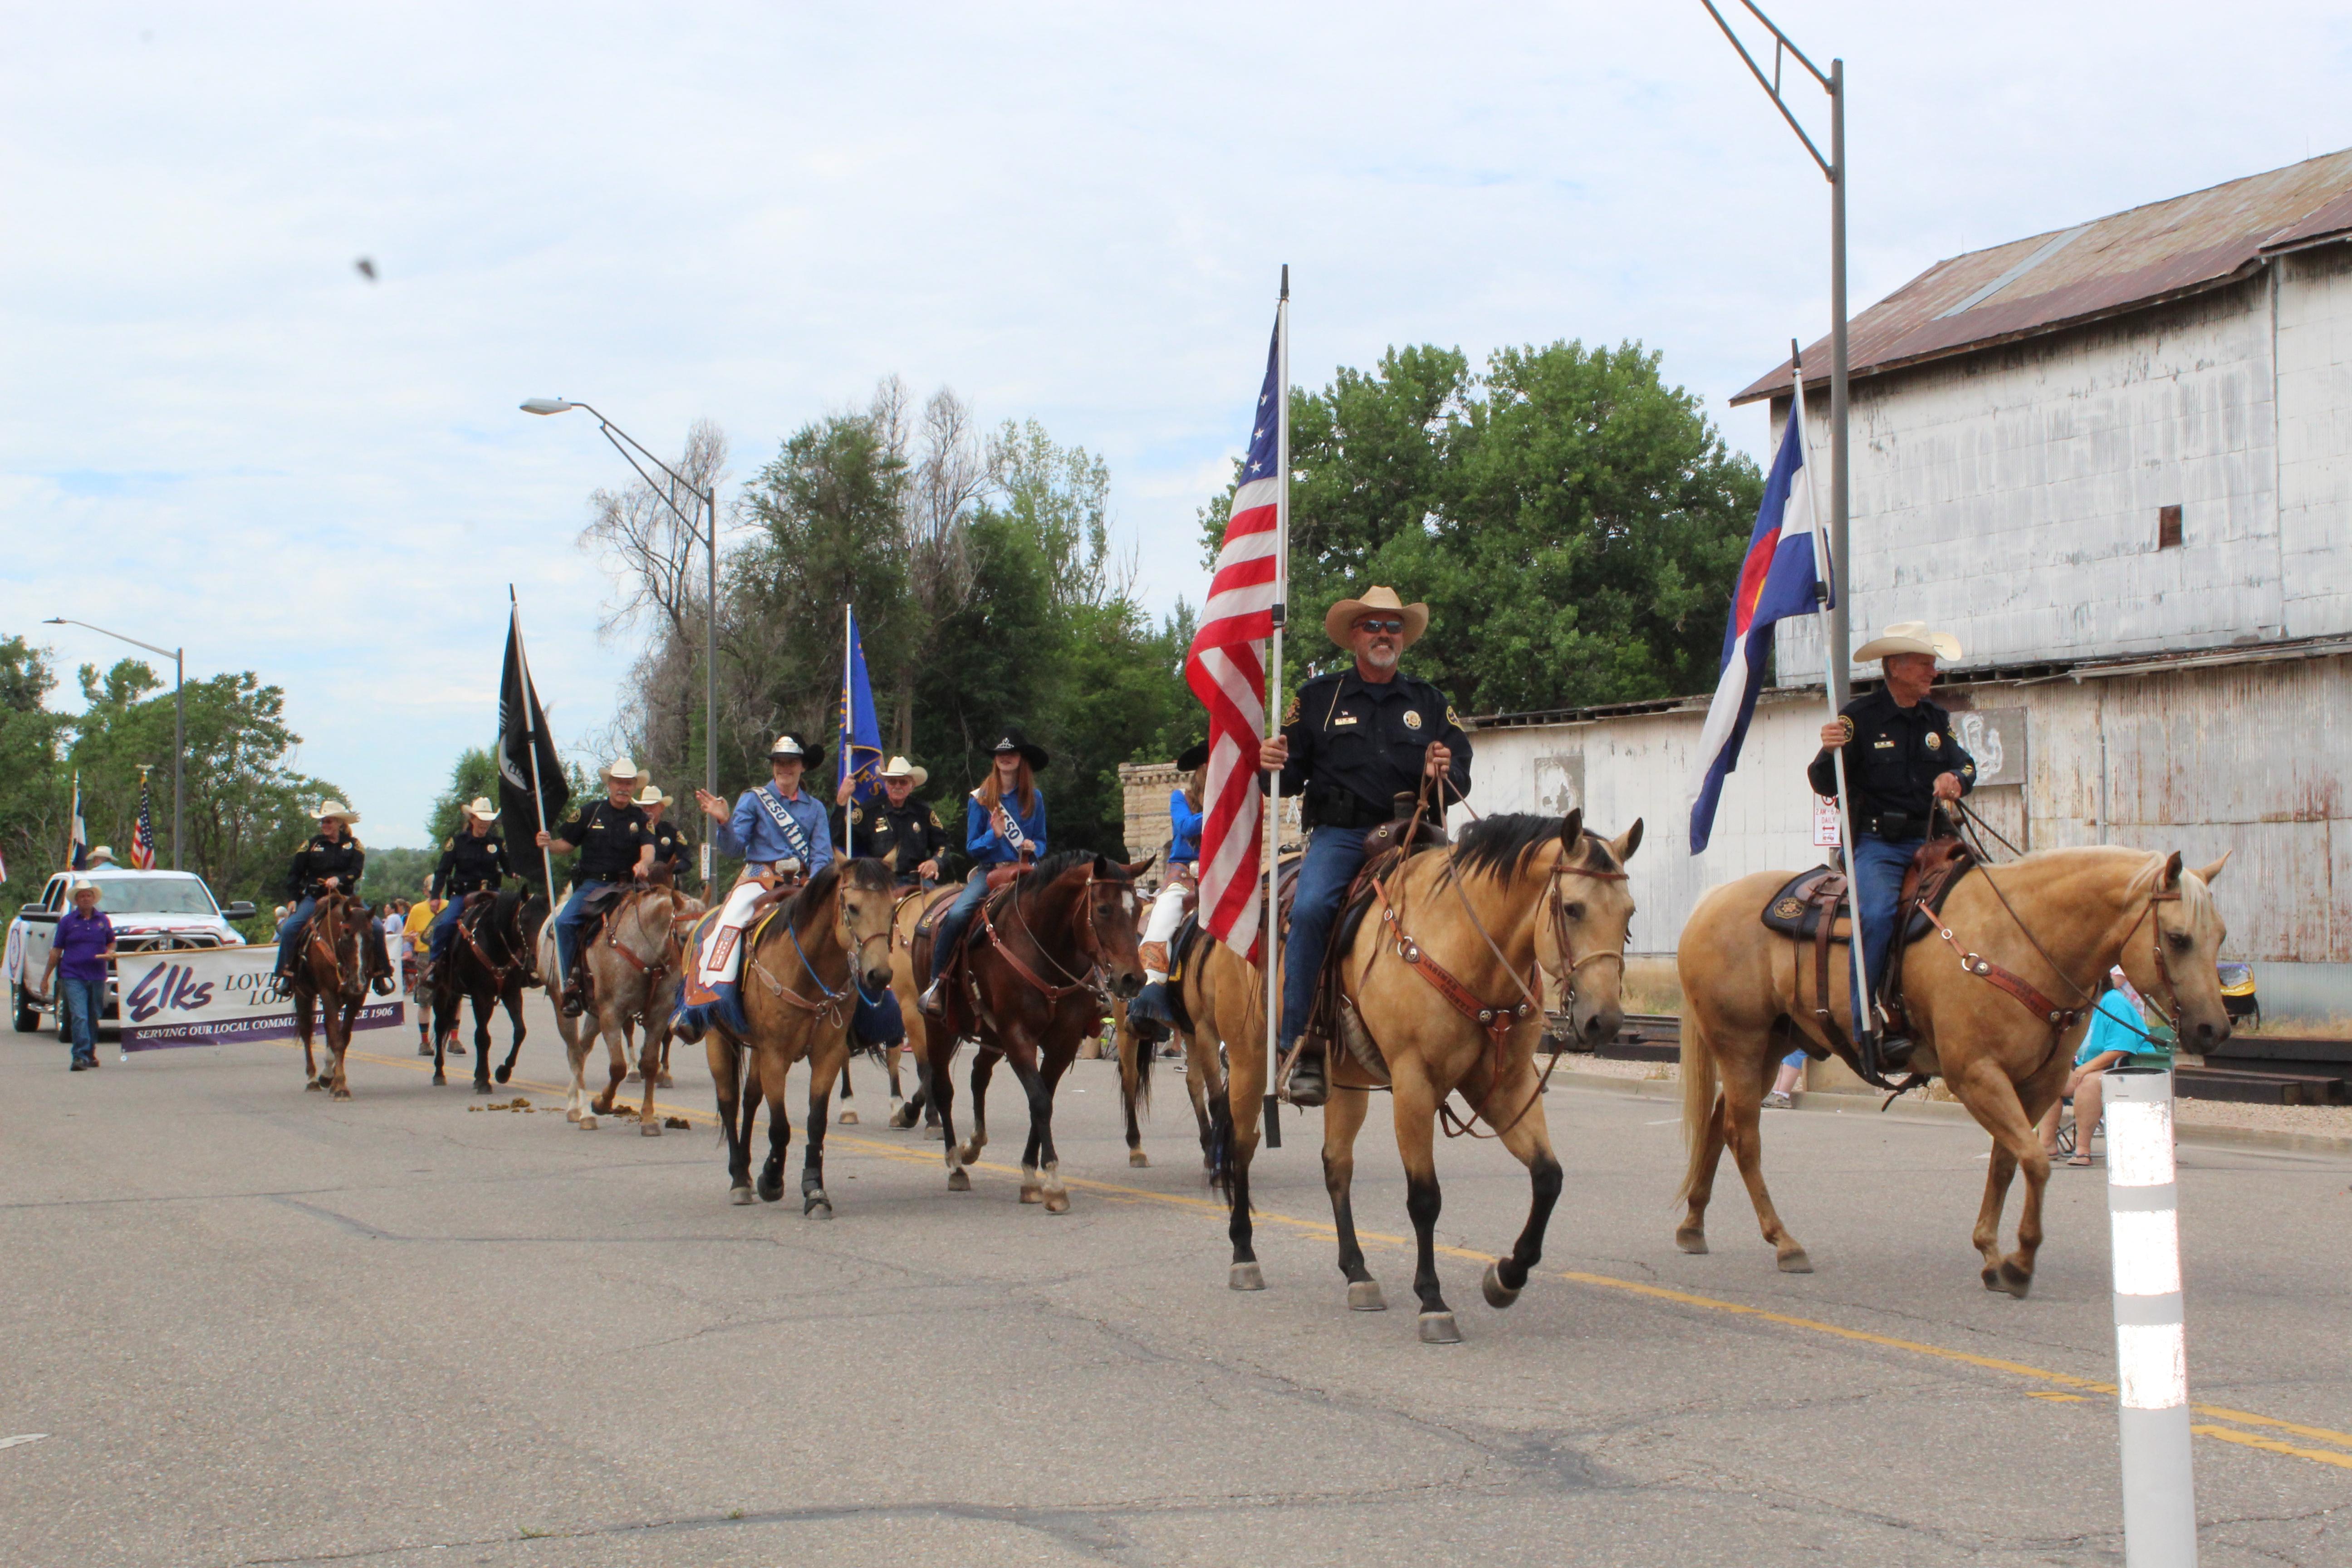 Imagen 19: Posse del Sheriff